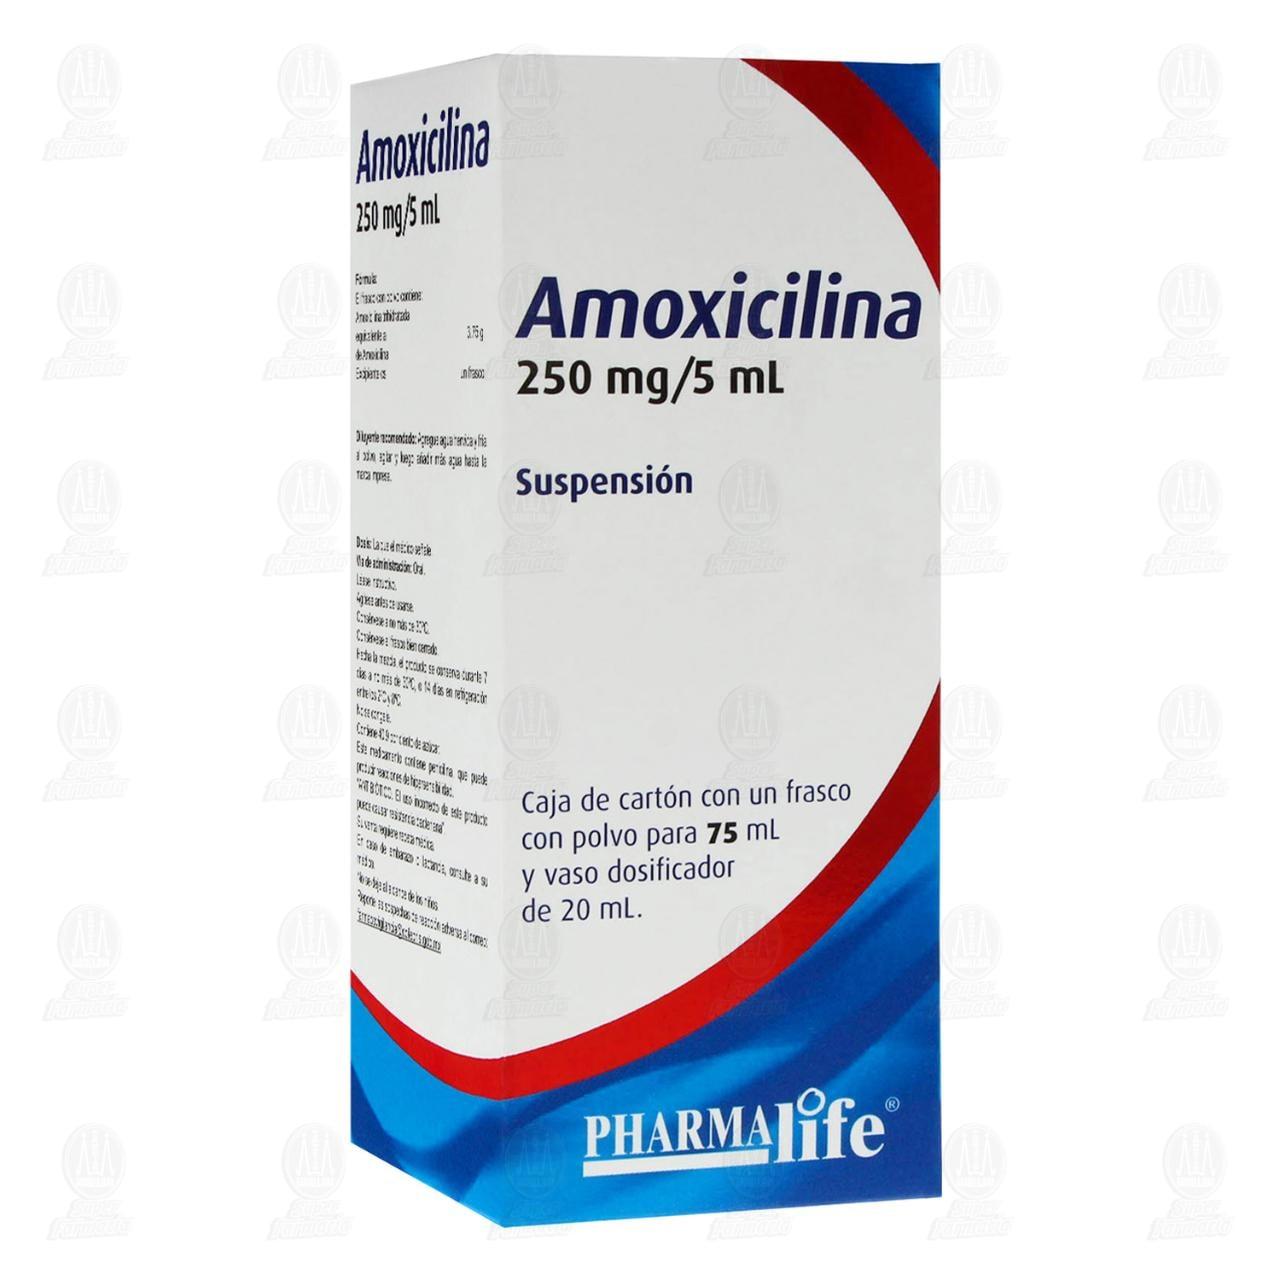 Comprar Amoxicilina 250mg/5ml 75ml Suspensión Pharmalife en Farmacias Guadalajara